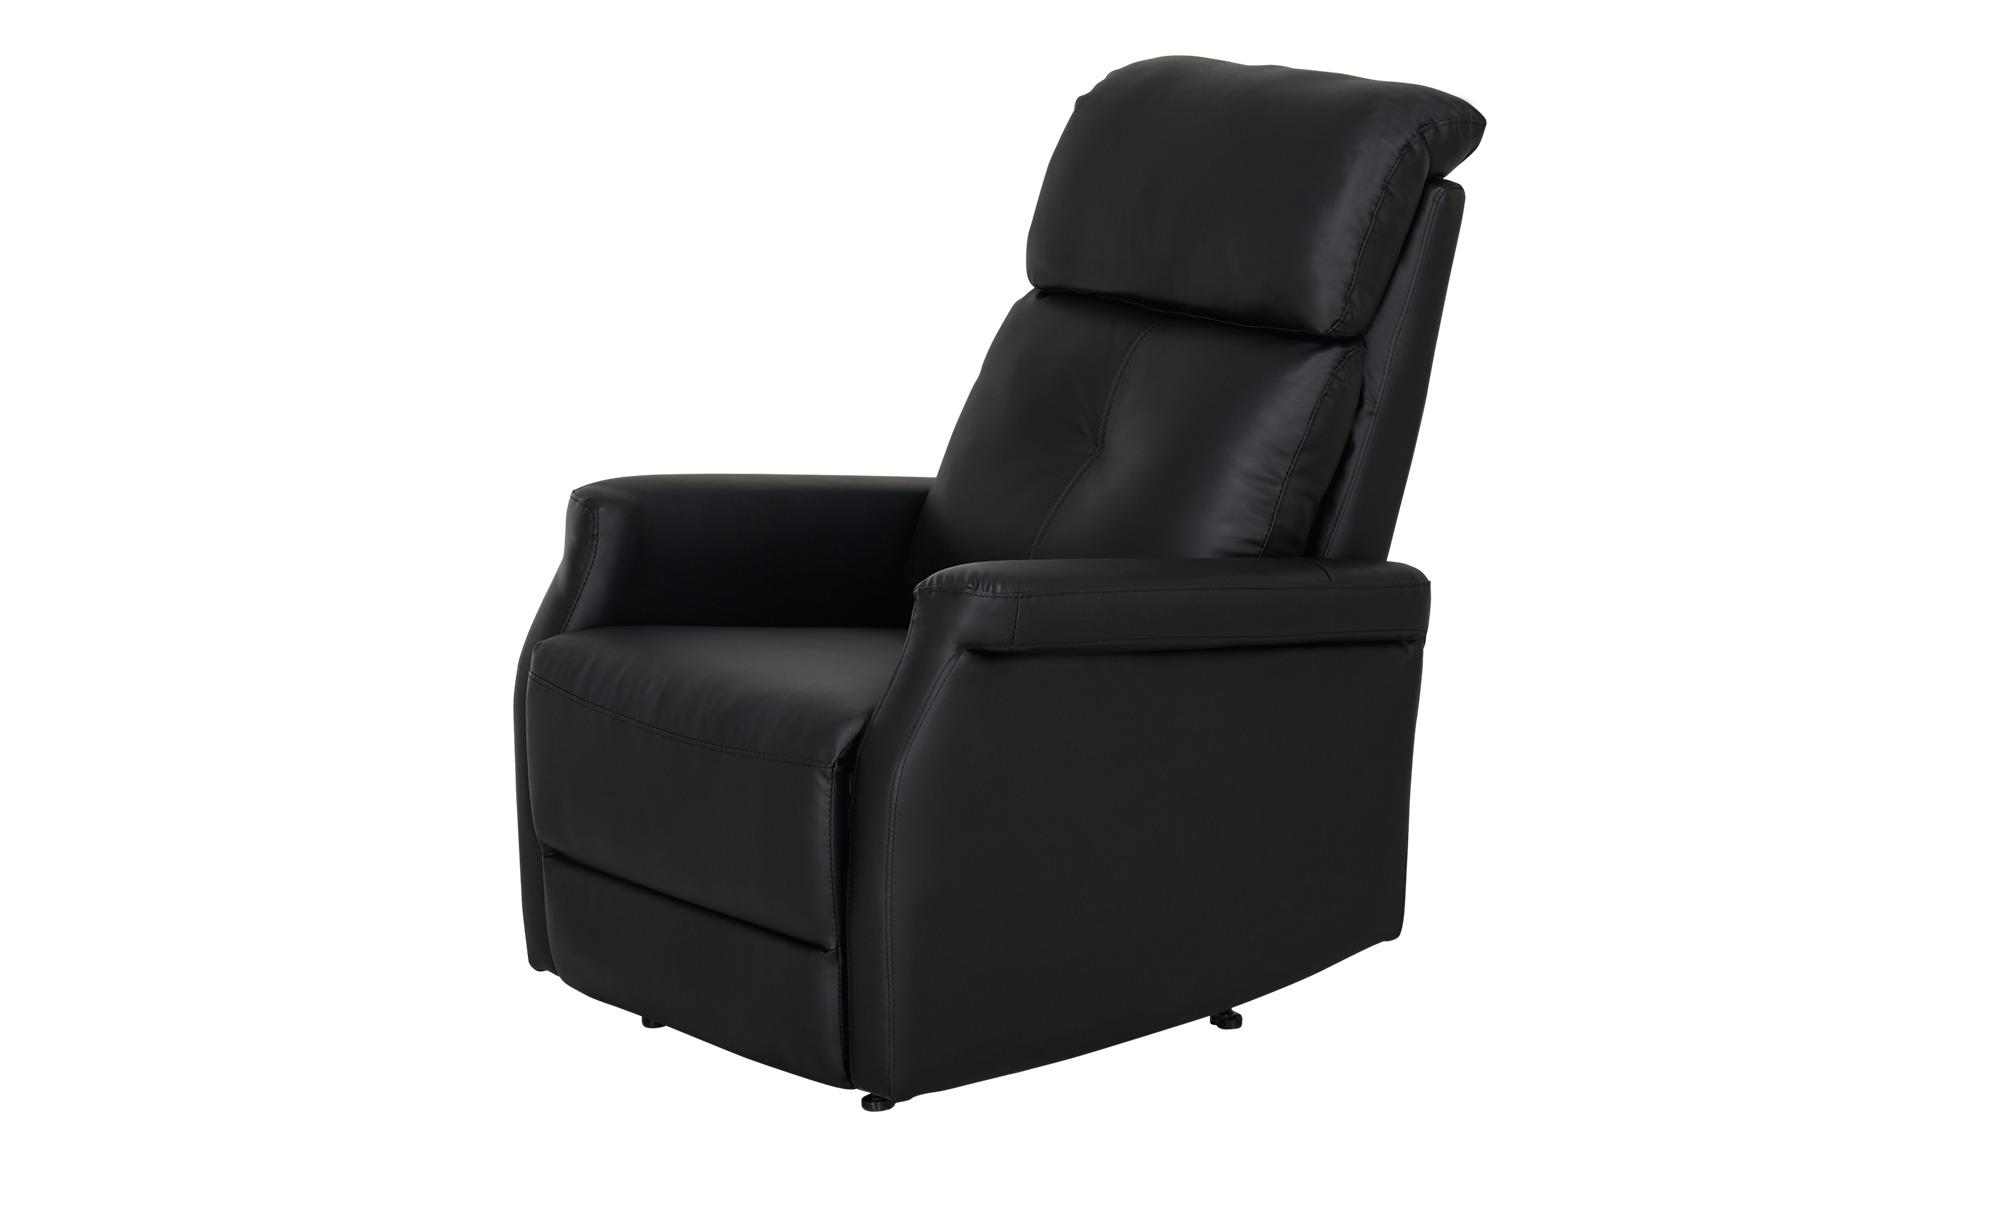 uno Fernsehsessel schwarz - Kunstleder Solea ¦ schwarz ¦ Maße (cm): B: 82 H: 104 T: 74 Polstermöbel > Sessel > Fernsehsessel - Höffner